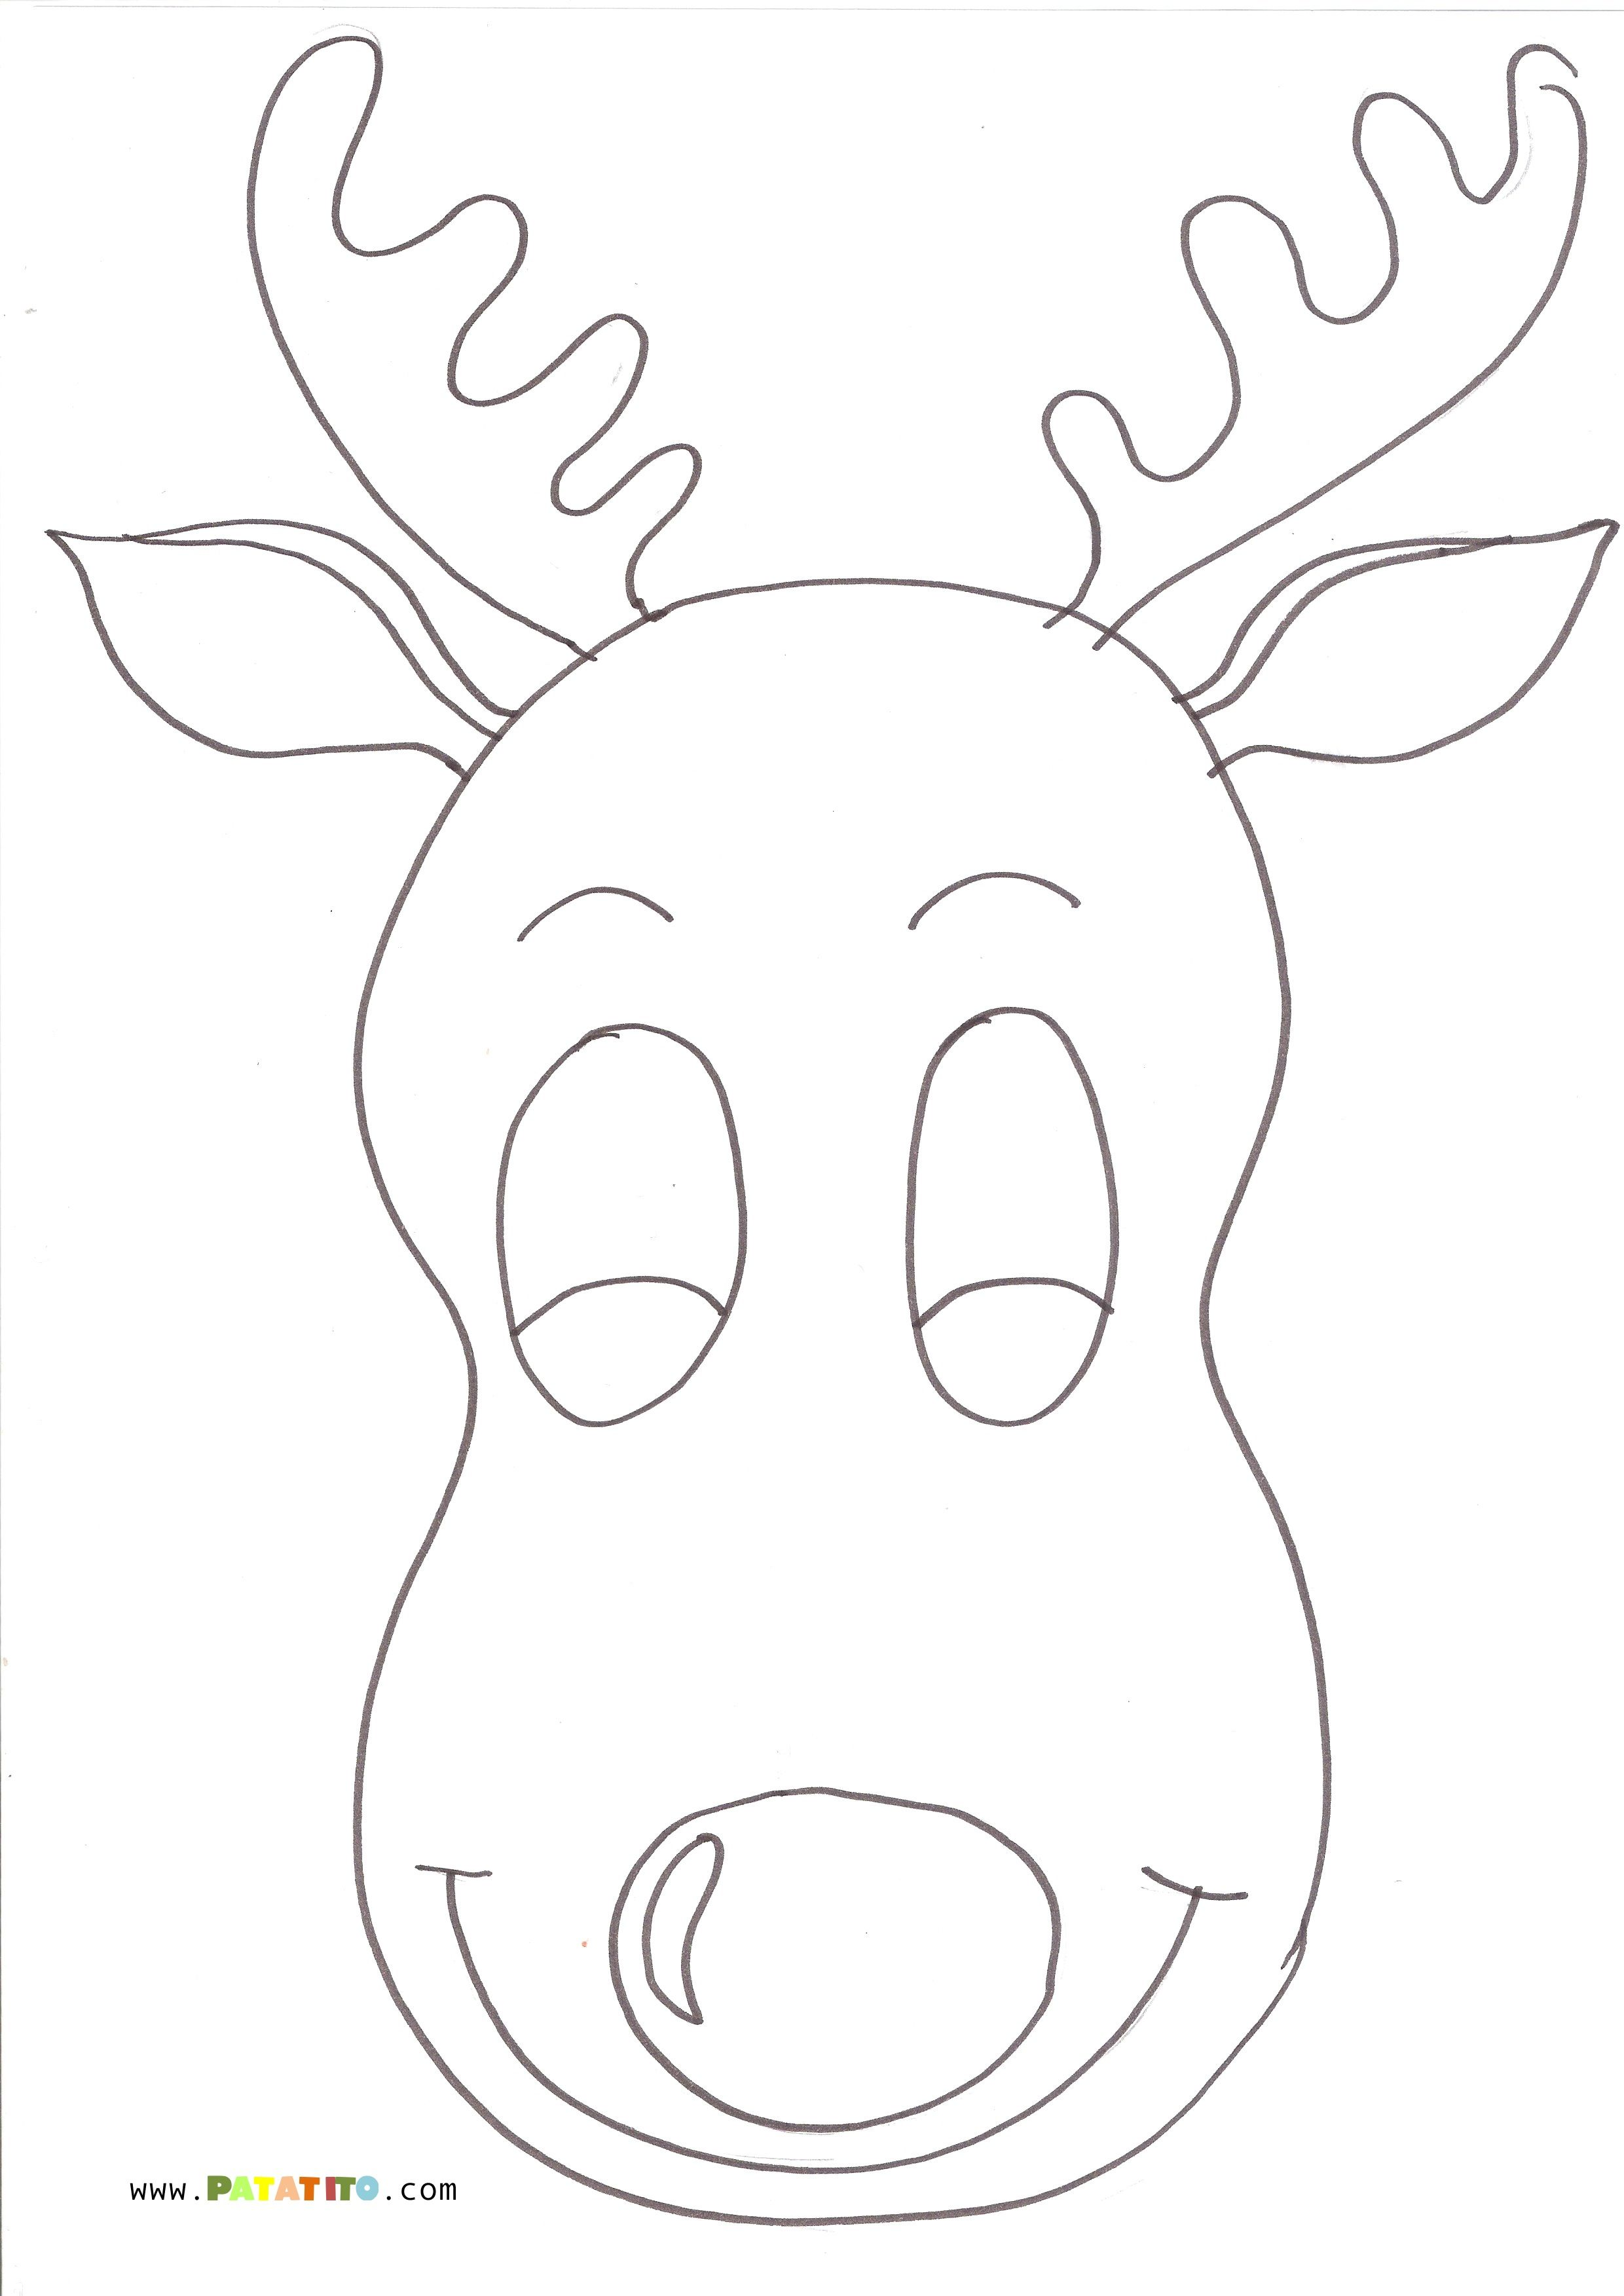 Navidad Dibujos Para Colorear Reno Manualidades Dibujos De Renos Dibujos De Navidad